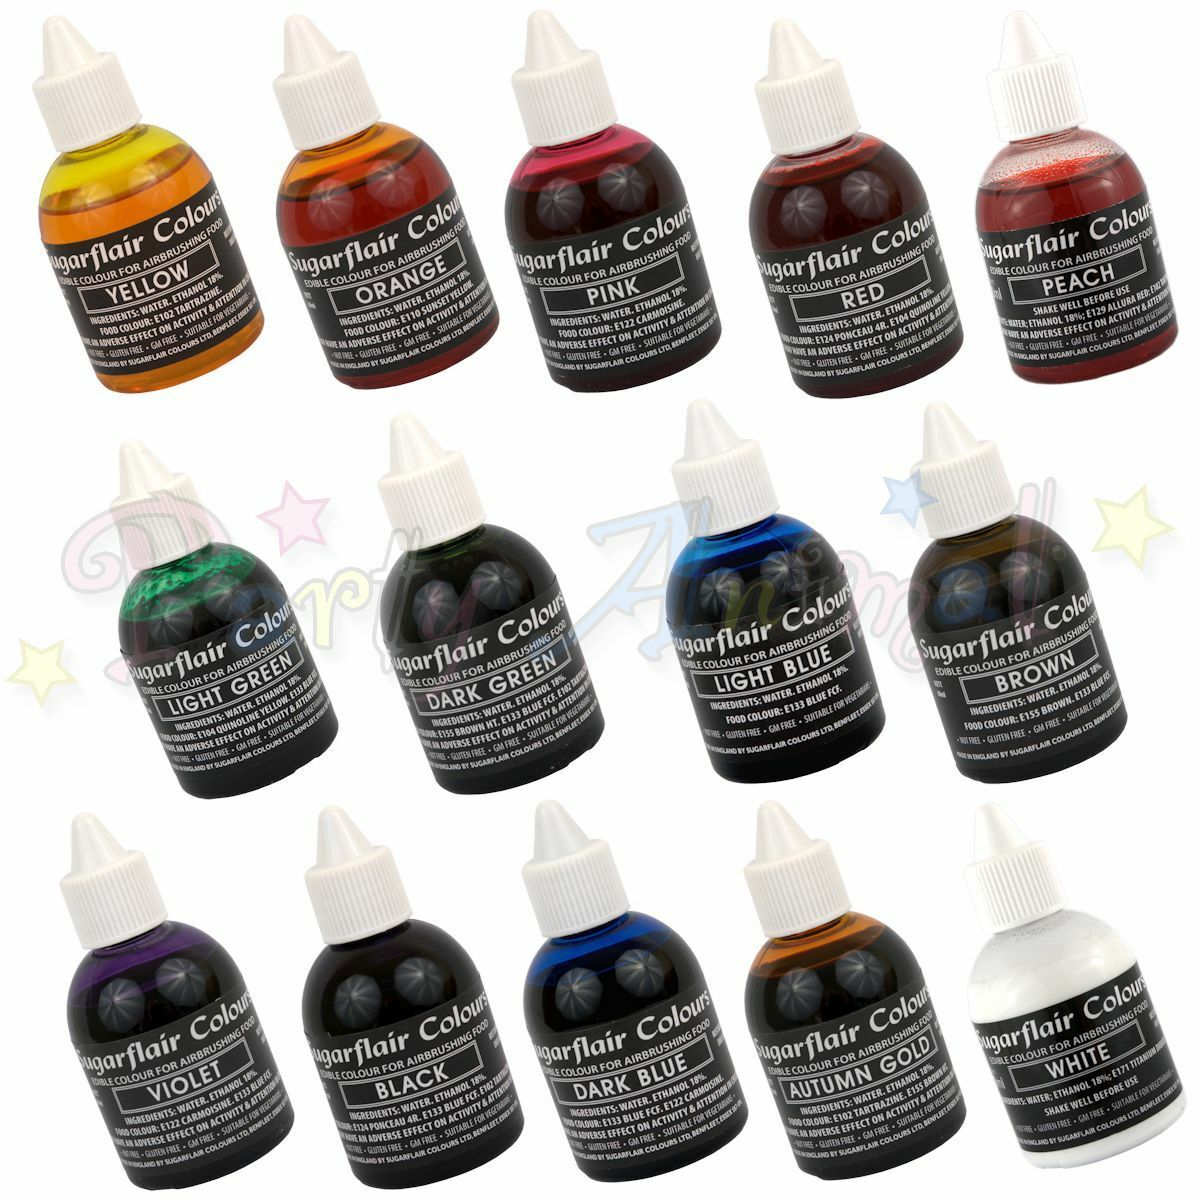 Sugarflair Aerógrafo Color Conjunto de 14-Comestibles Colorante Alimenticio Para Aerografía